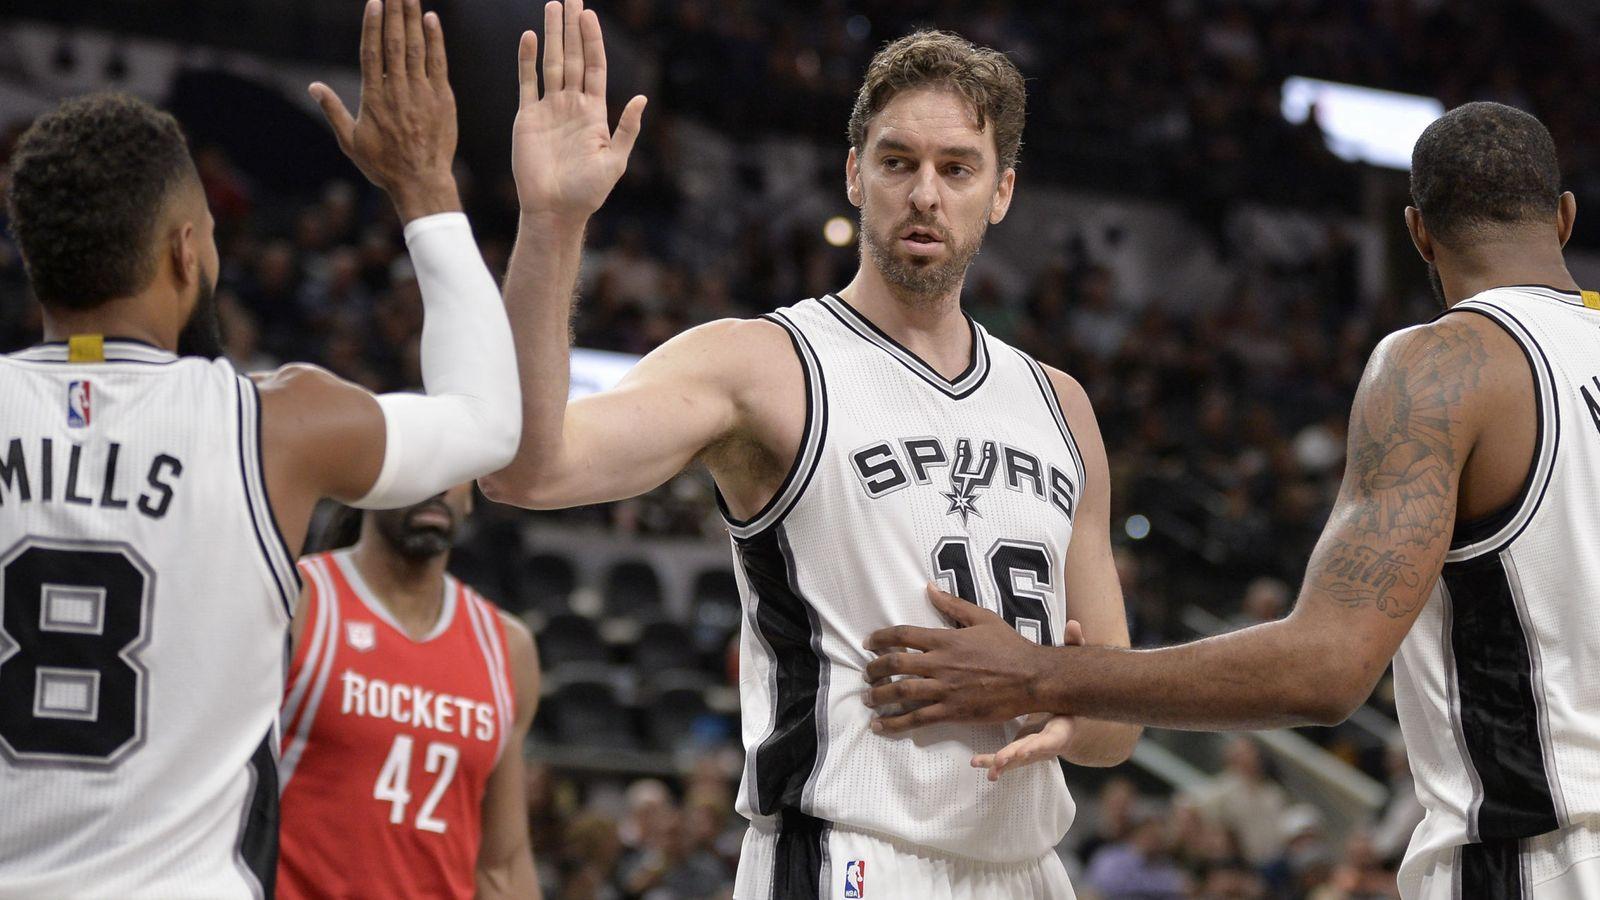 Foto: Los Spurs suman tres victorias seguidas (Darren Abate/EFE)